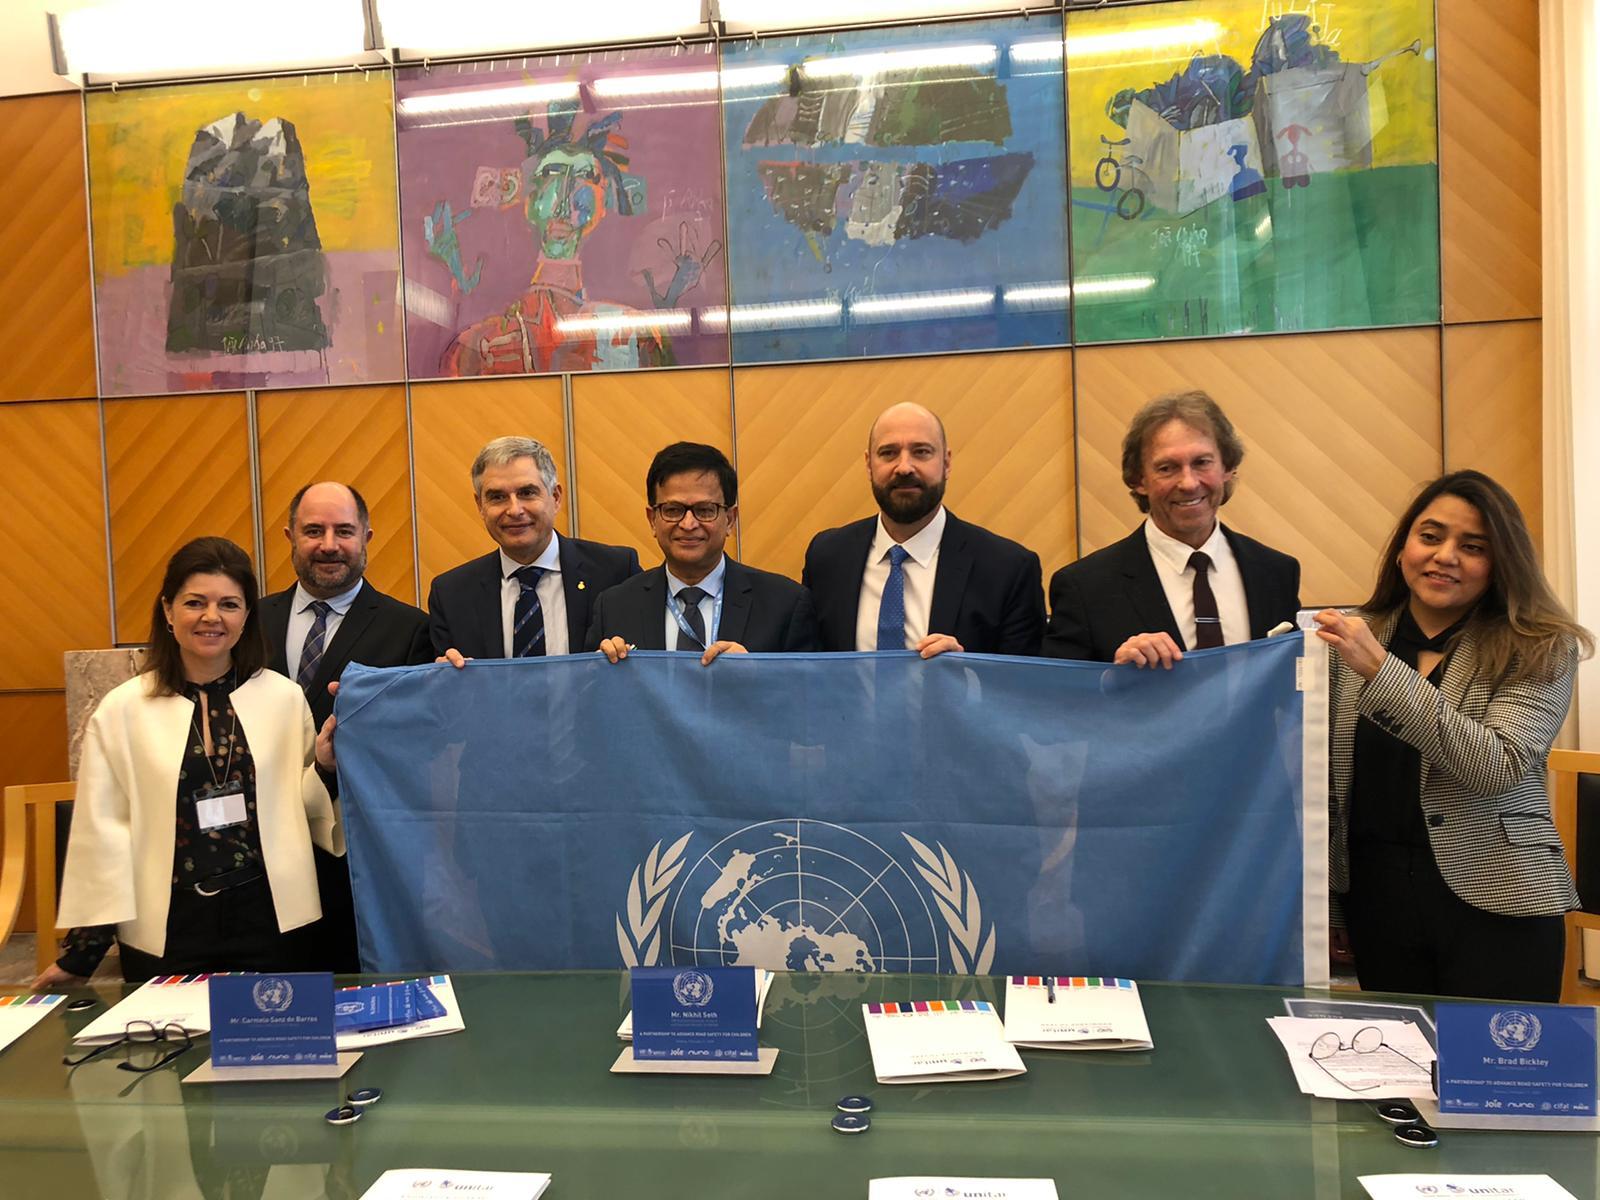 CIFAL Madrid RACE, UNITAR - ONU y Joie firman en el Palacio de las Naciones Unidas un acuerdo global para la mejora de la Seguridad Vial infantil